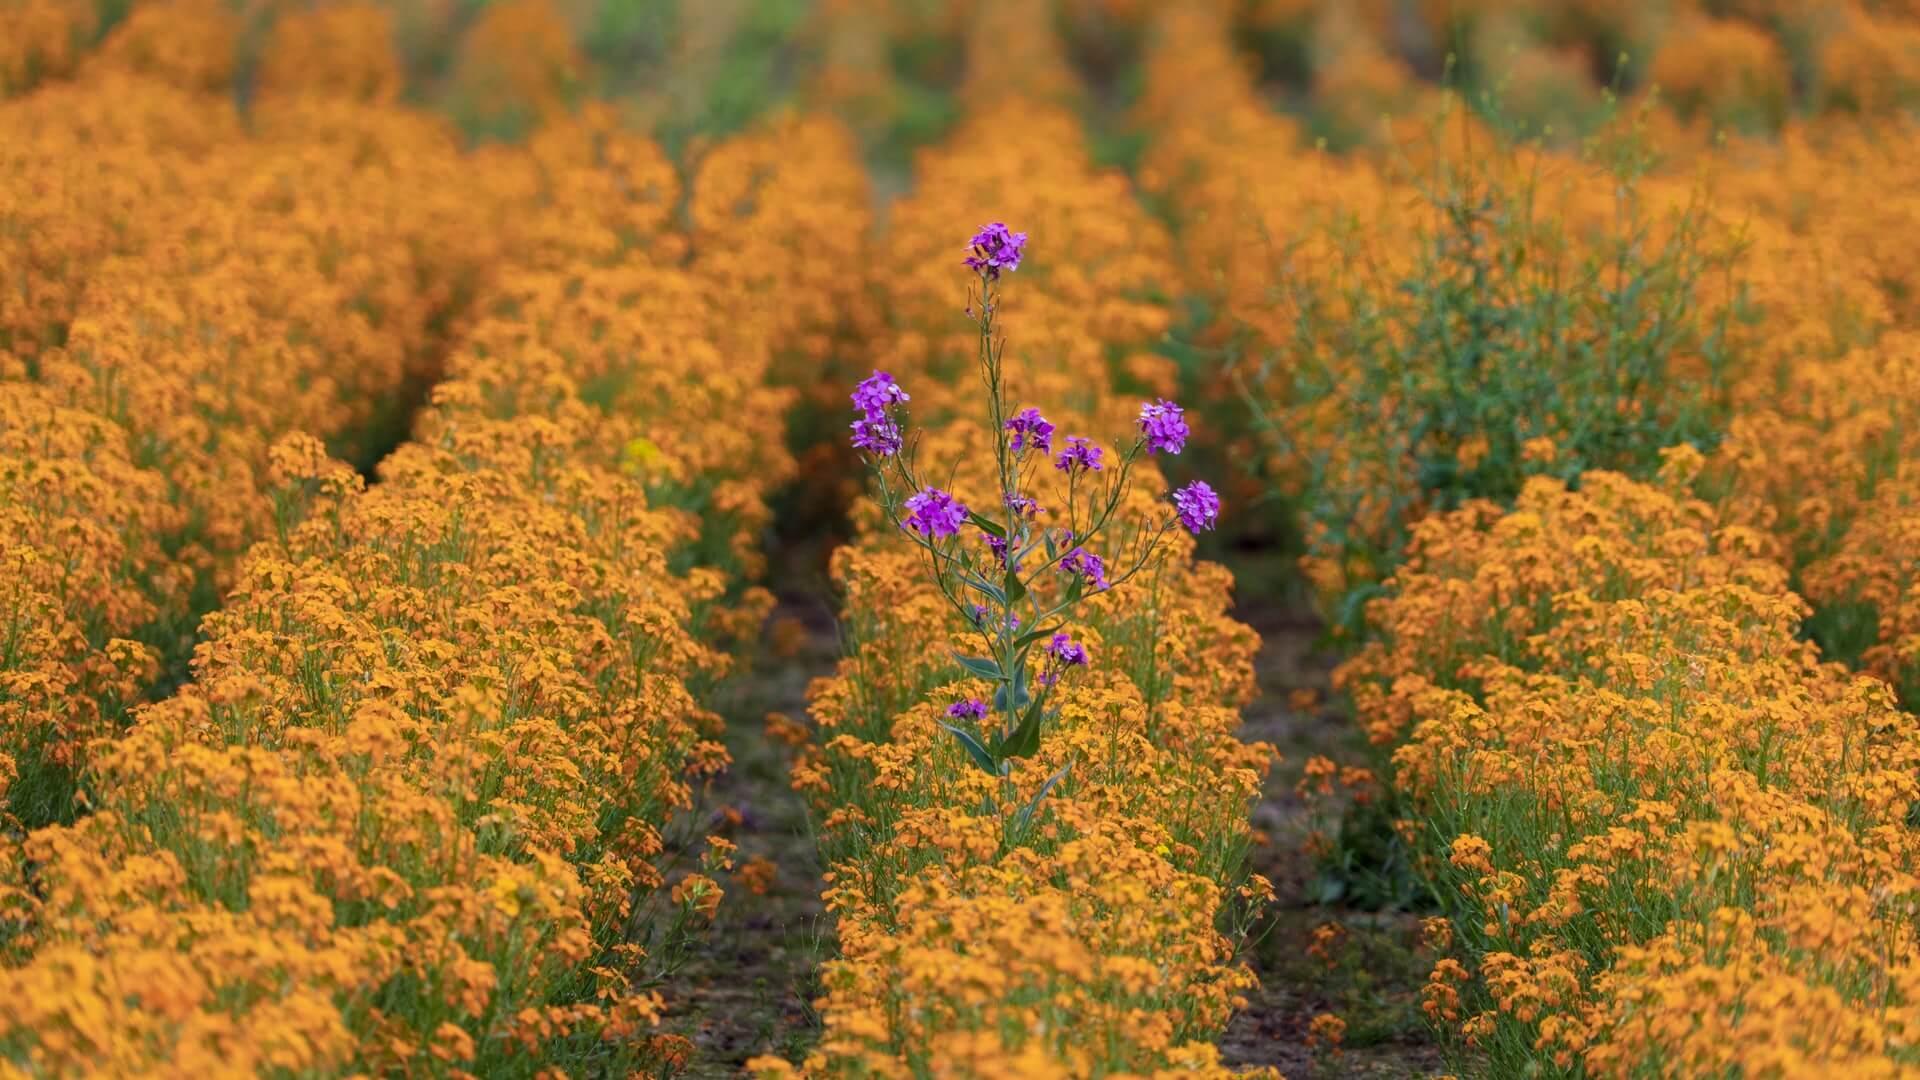 développement personnel, être différent, se chercher, fleur